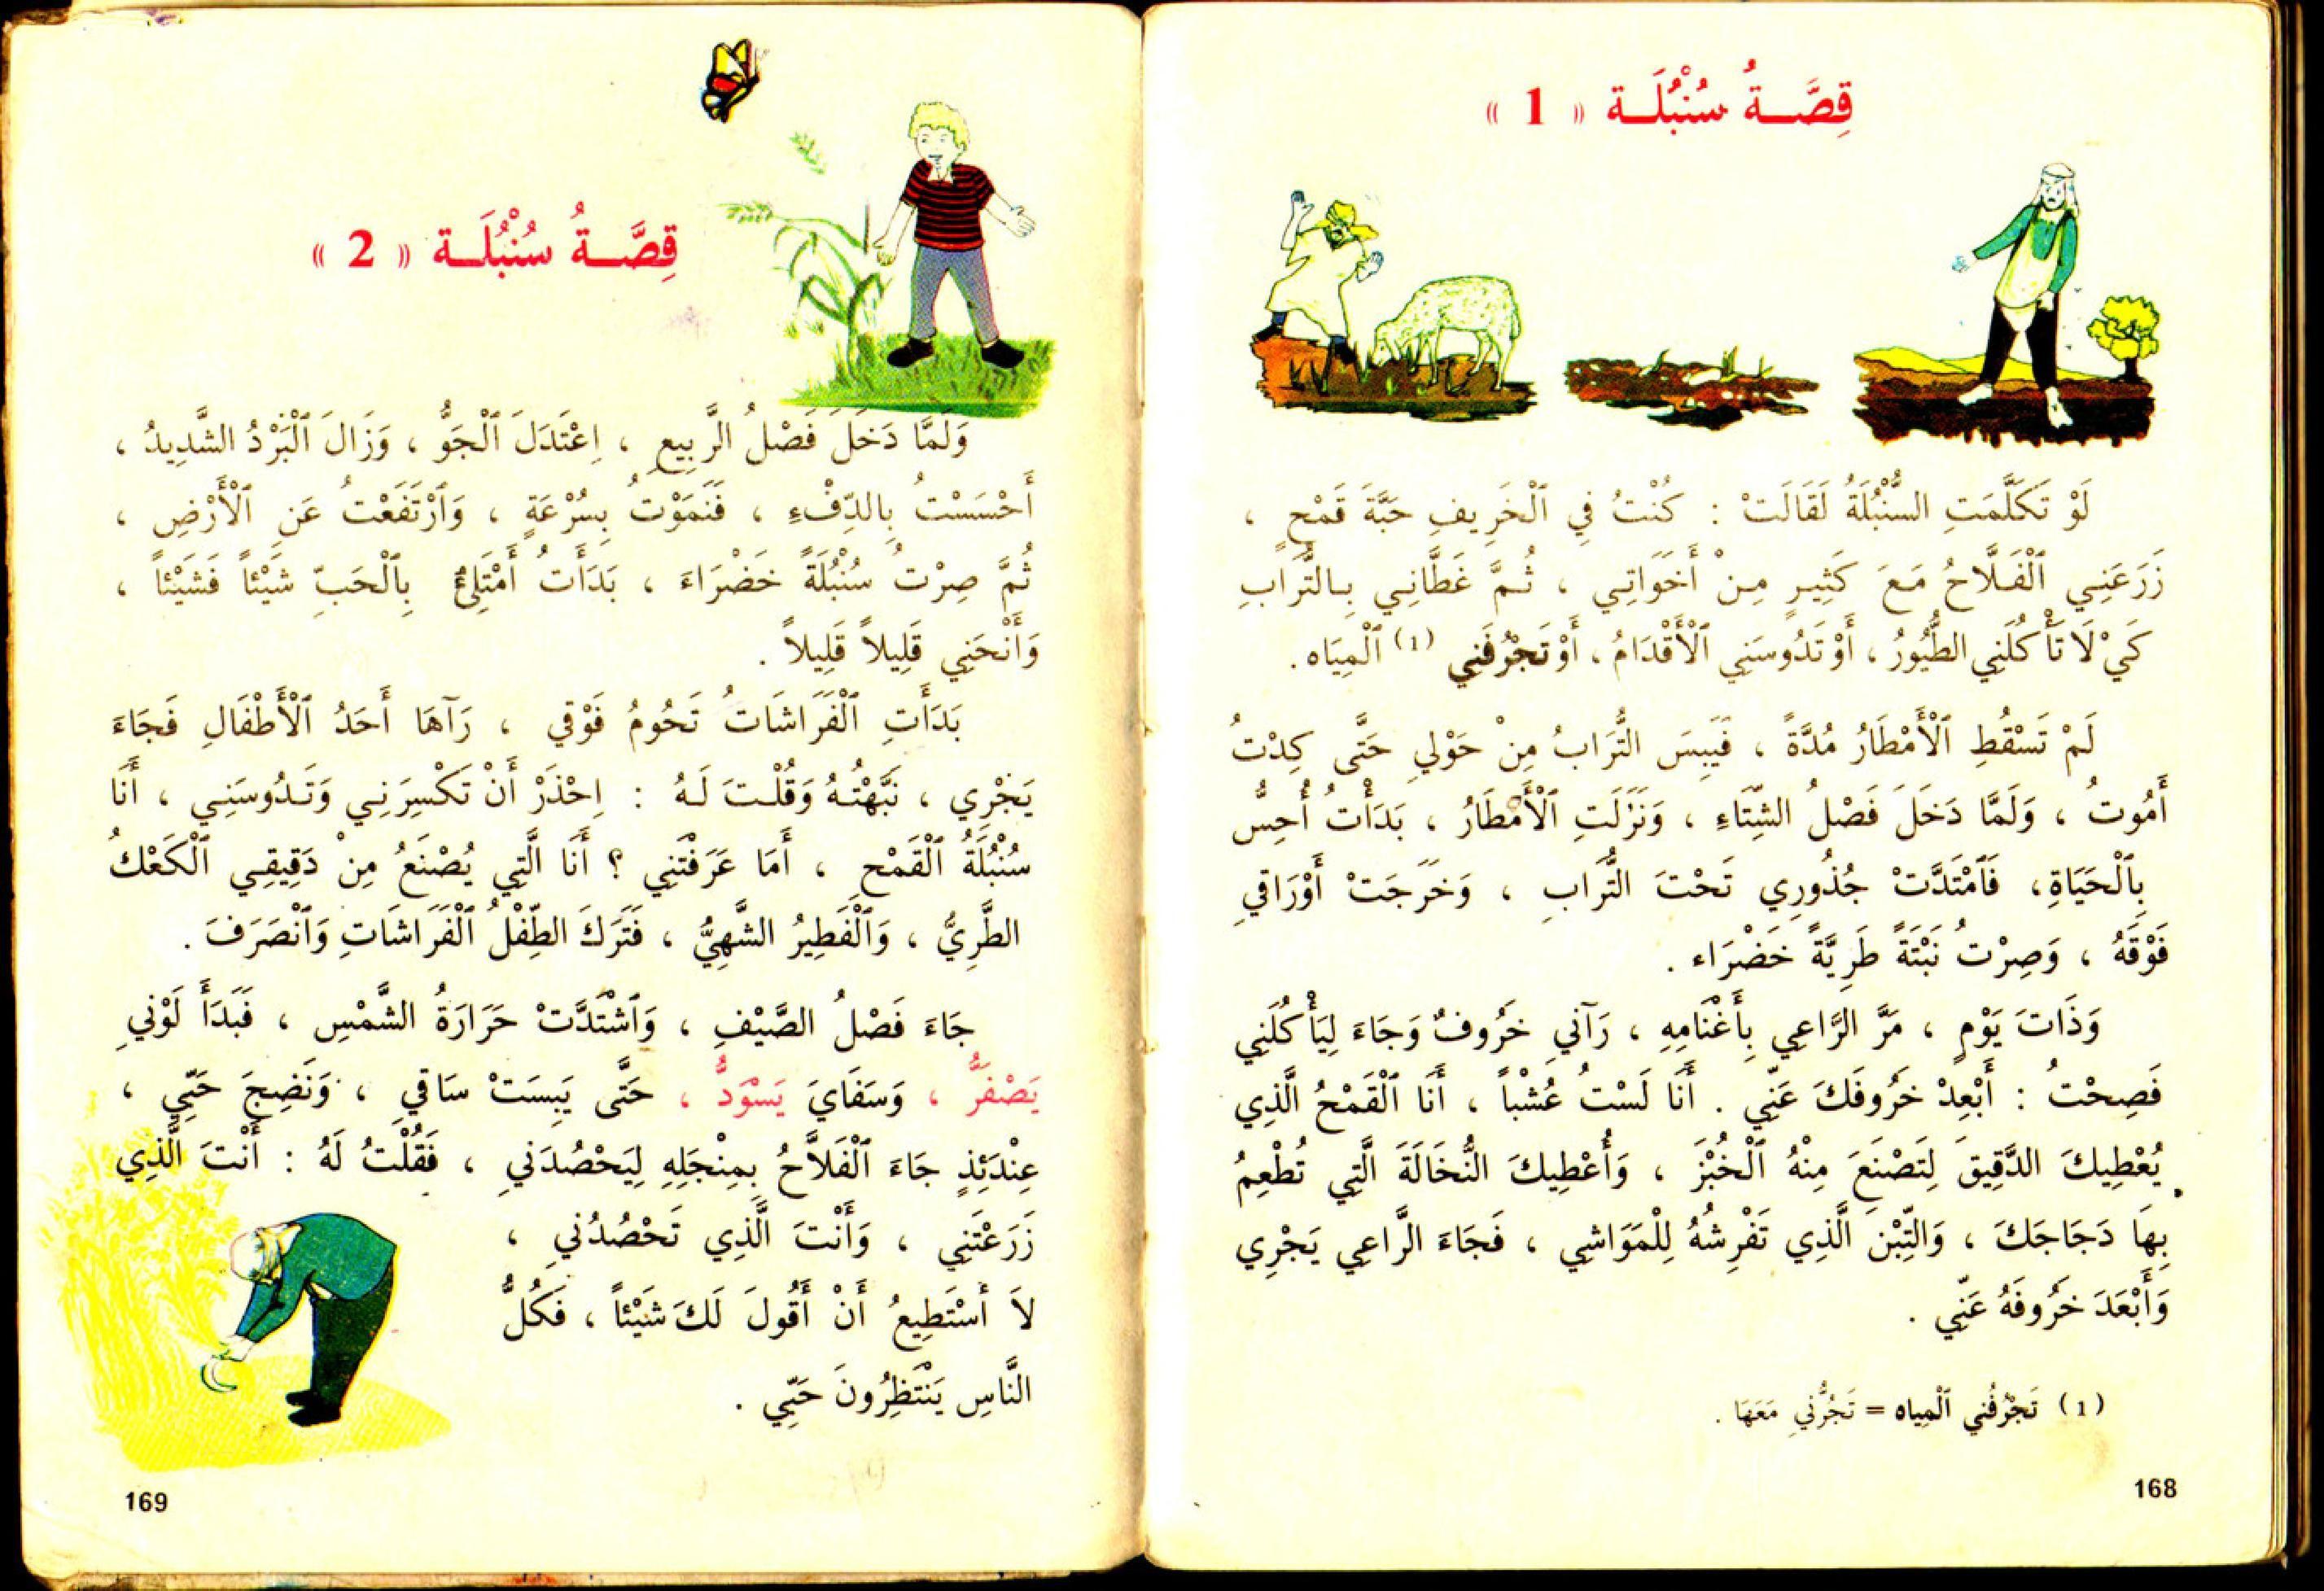 1980 1990 كتاب القراءة السنة الثالثة أساسي الجزائر نظام قديم تسعينيات Free Download Borrow And Streaming Internet Archive Arabic Books Craft Stick Crafts Books